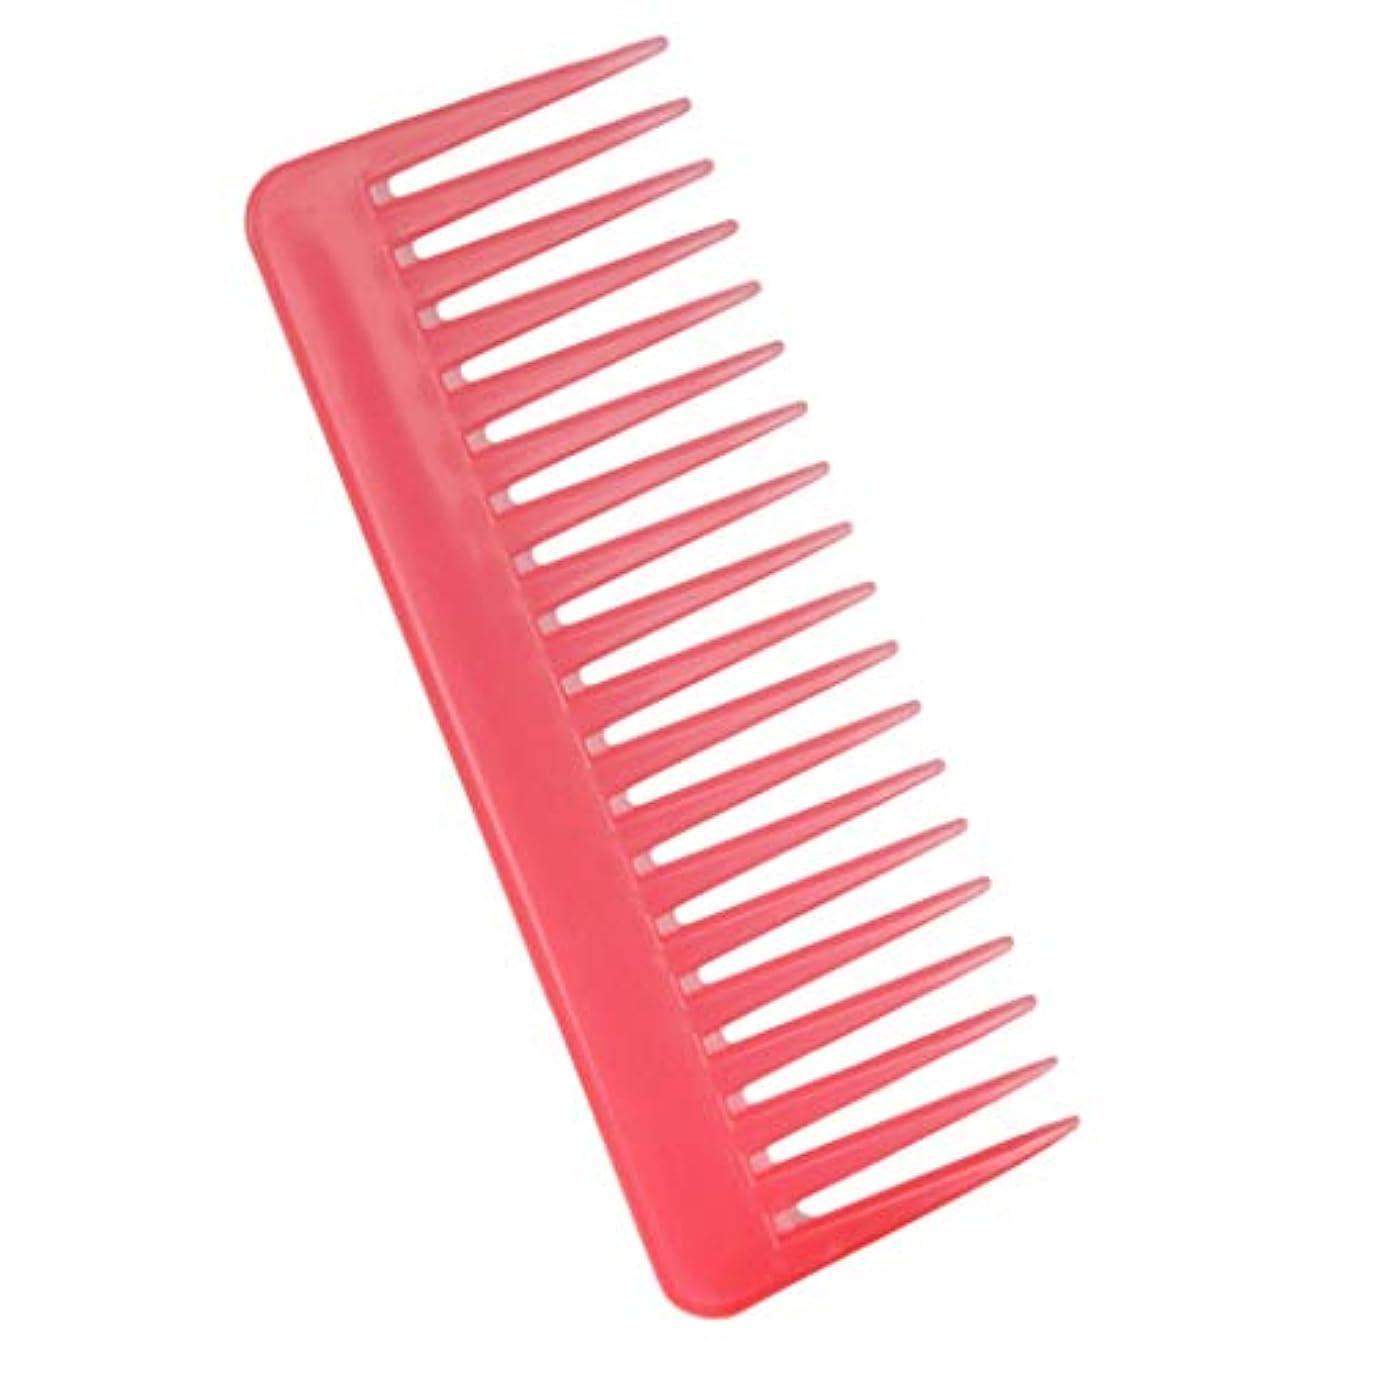 速記累積ビデオ帯電防止櫛 ヘアケア ヘアブラシ サロン用 自宅用 ヘアコーム 3色選べ - ピンク